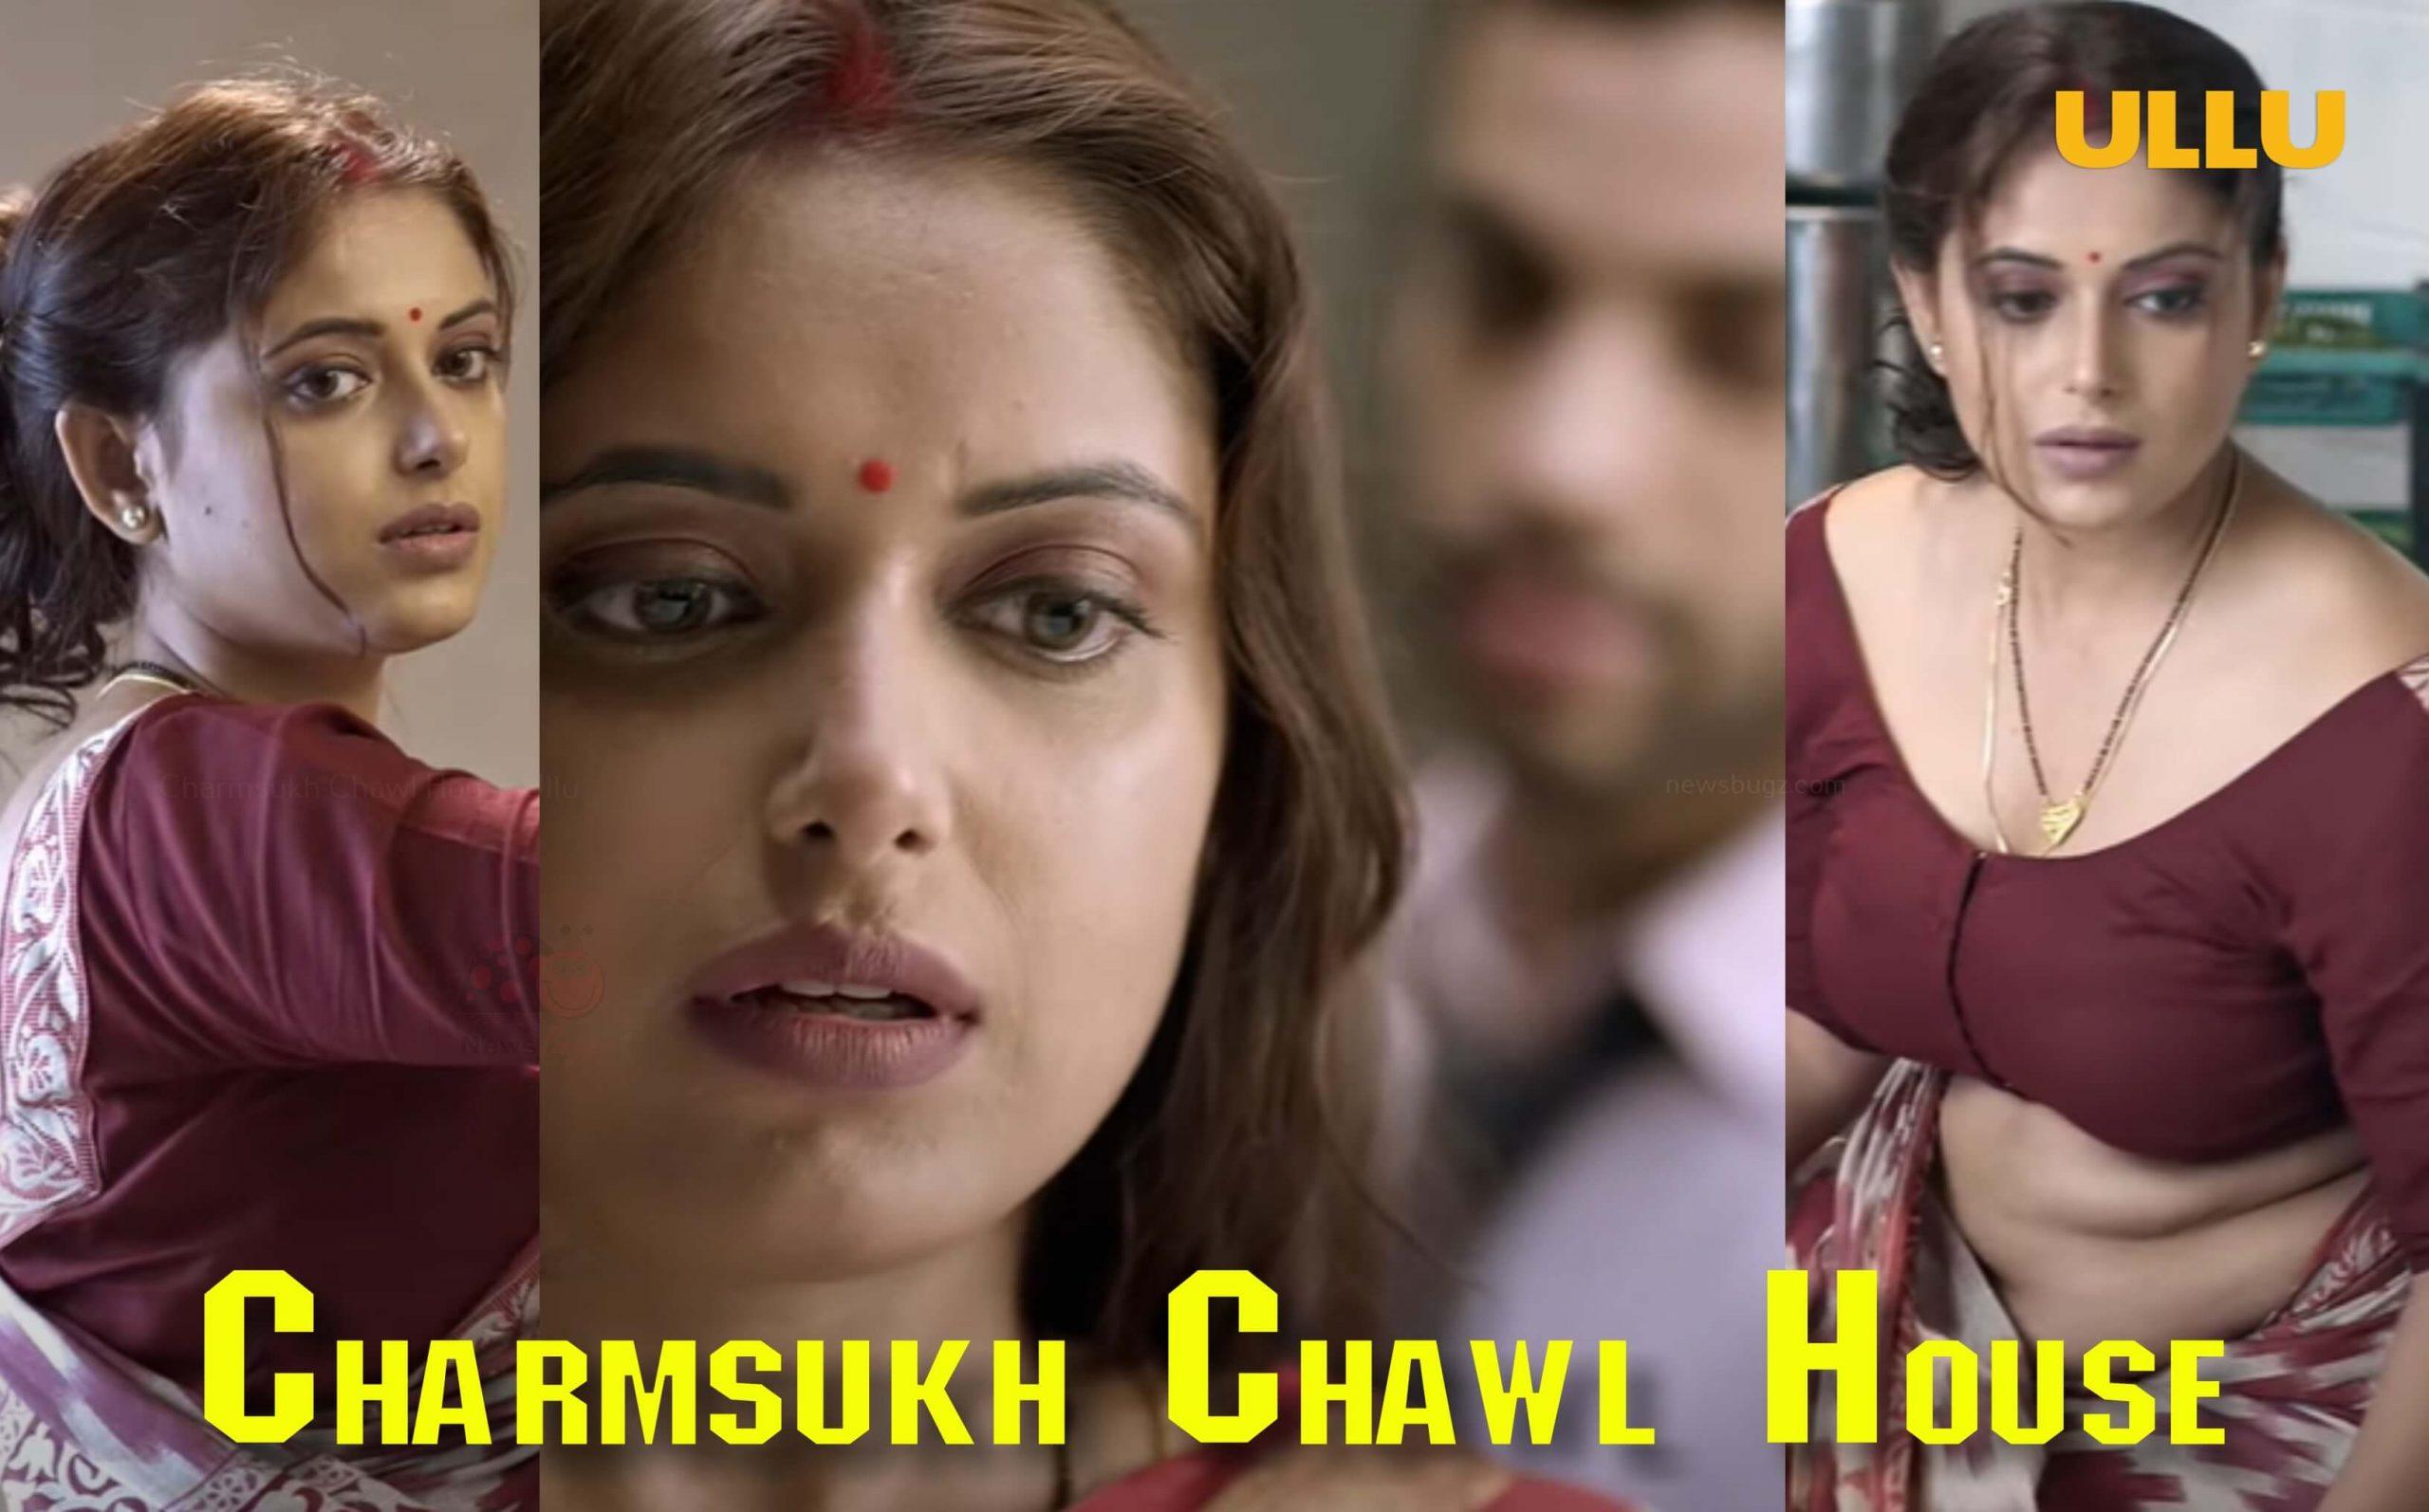 Charmsukh Chawl House Ullu